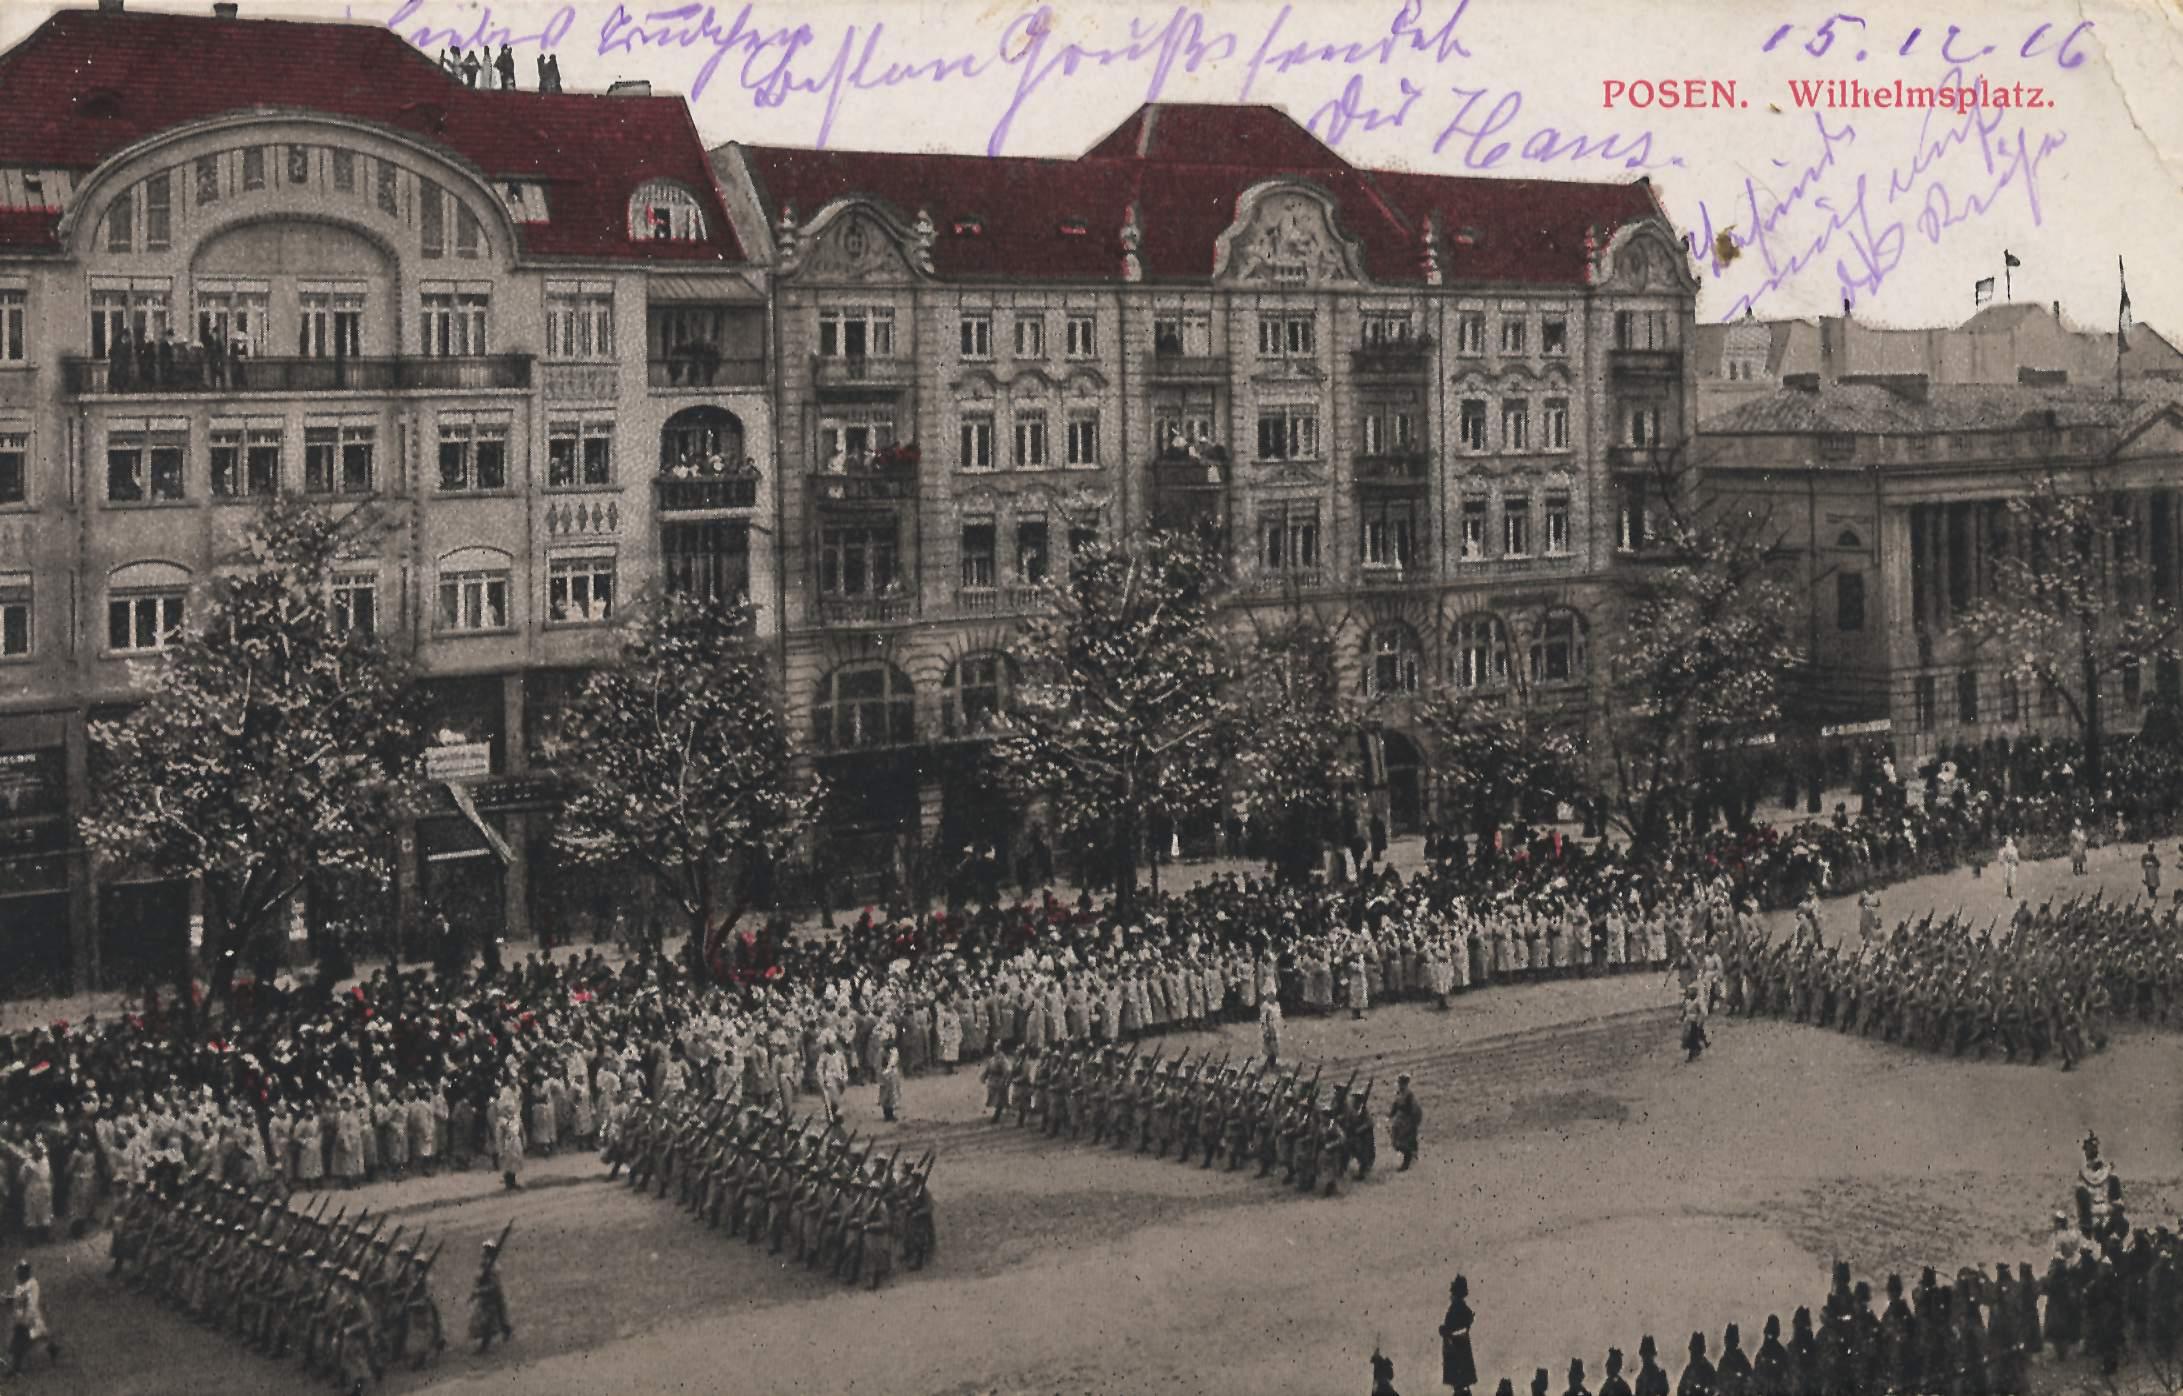 Posen Posen Wilhelmsplatz Zenoorg